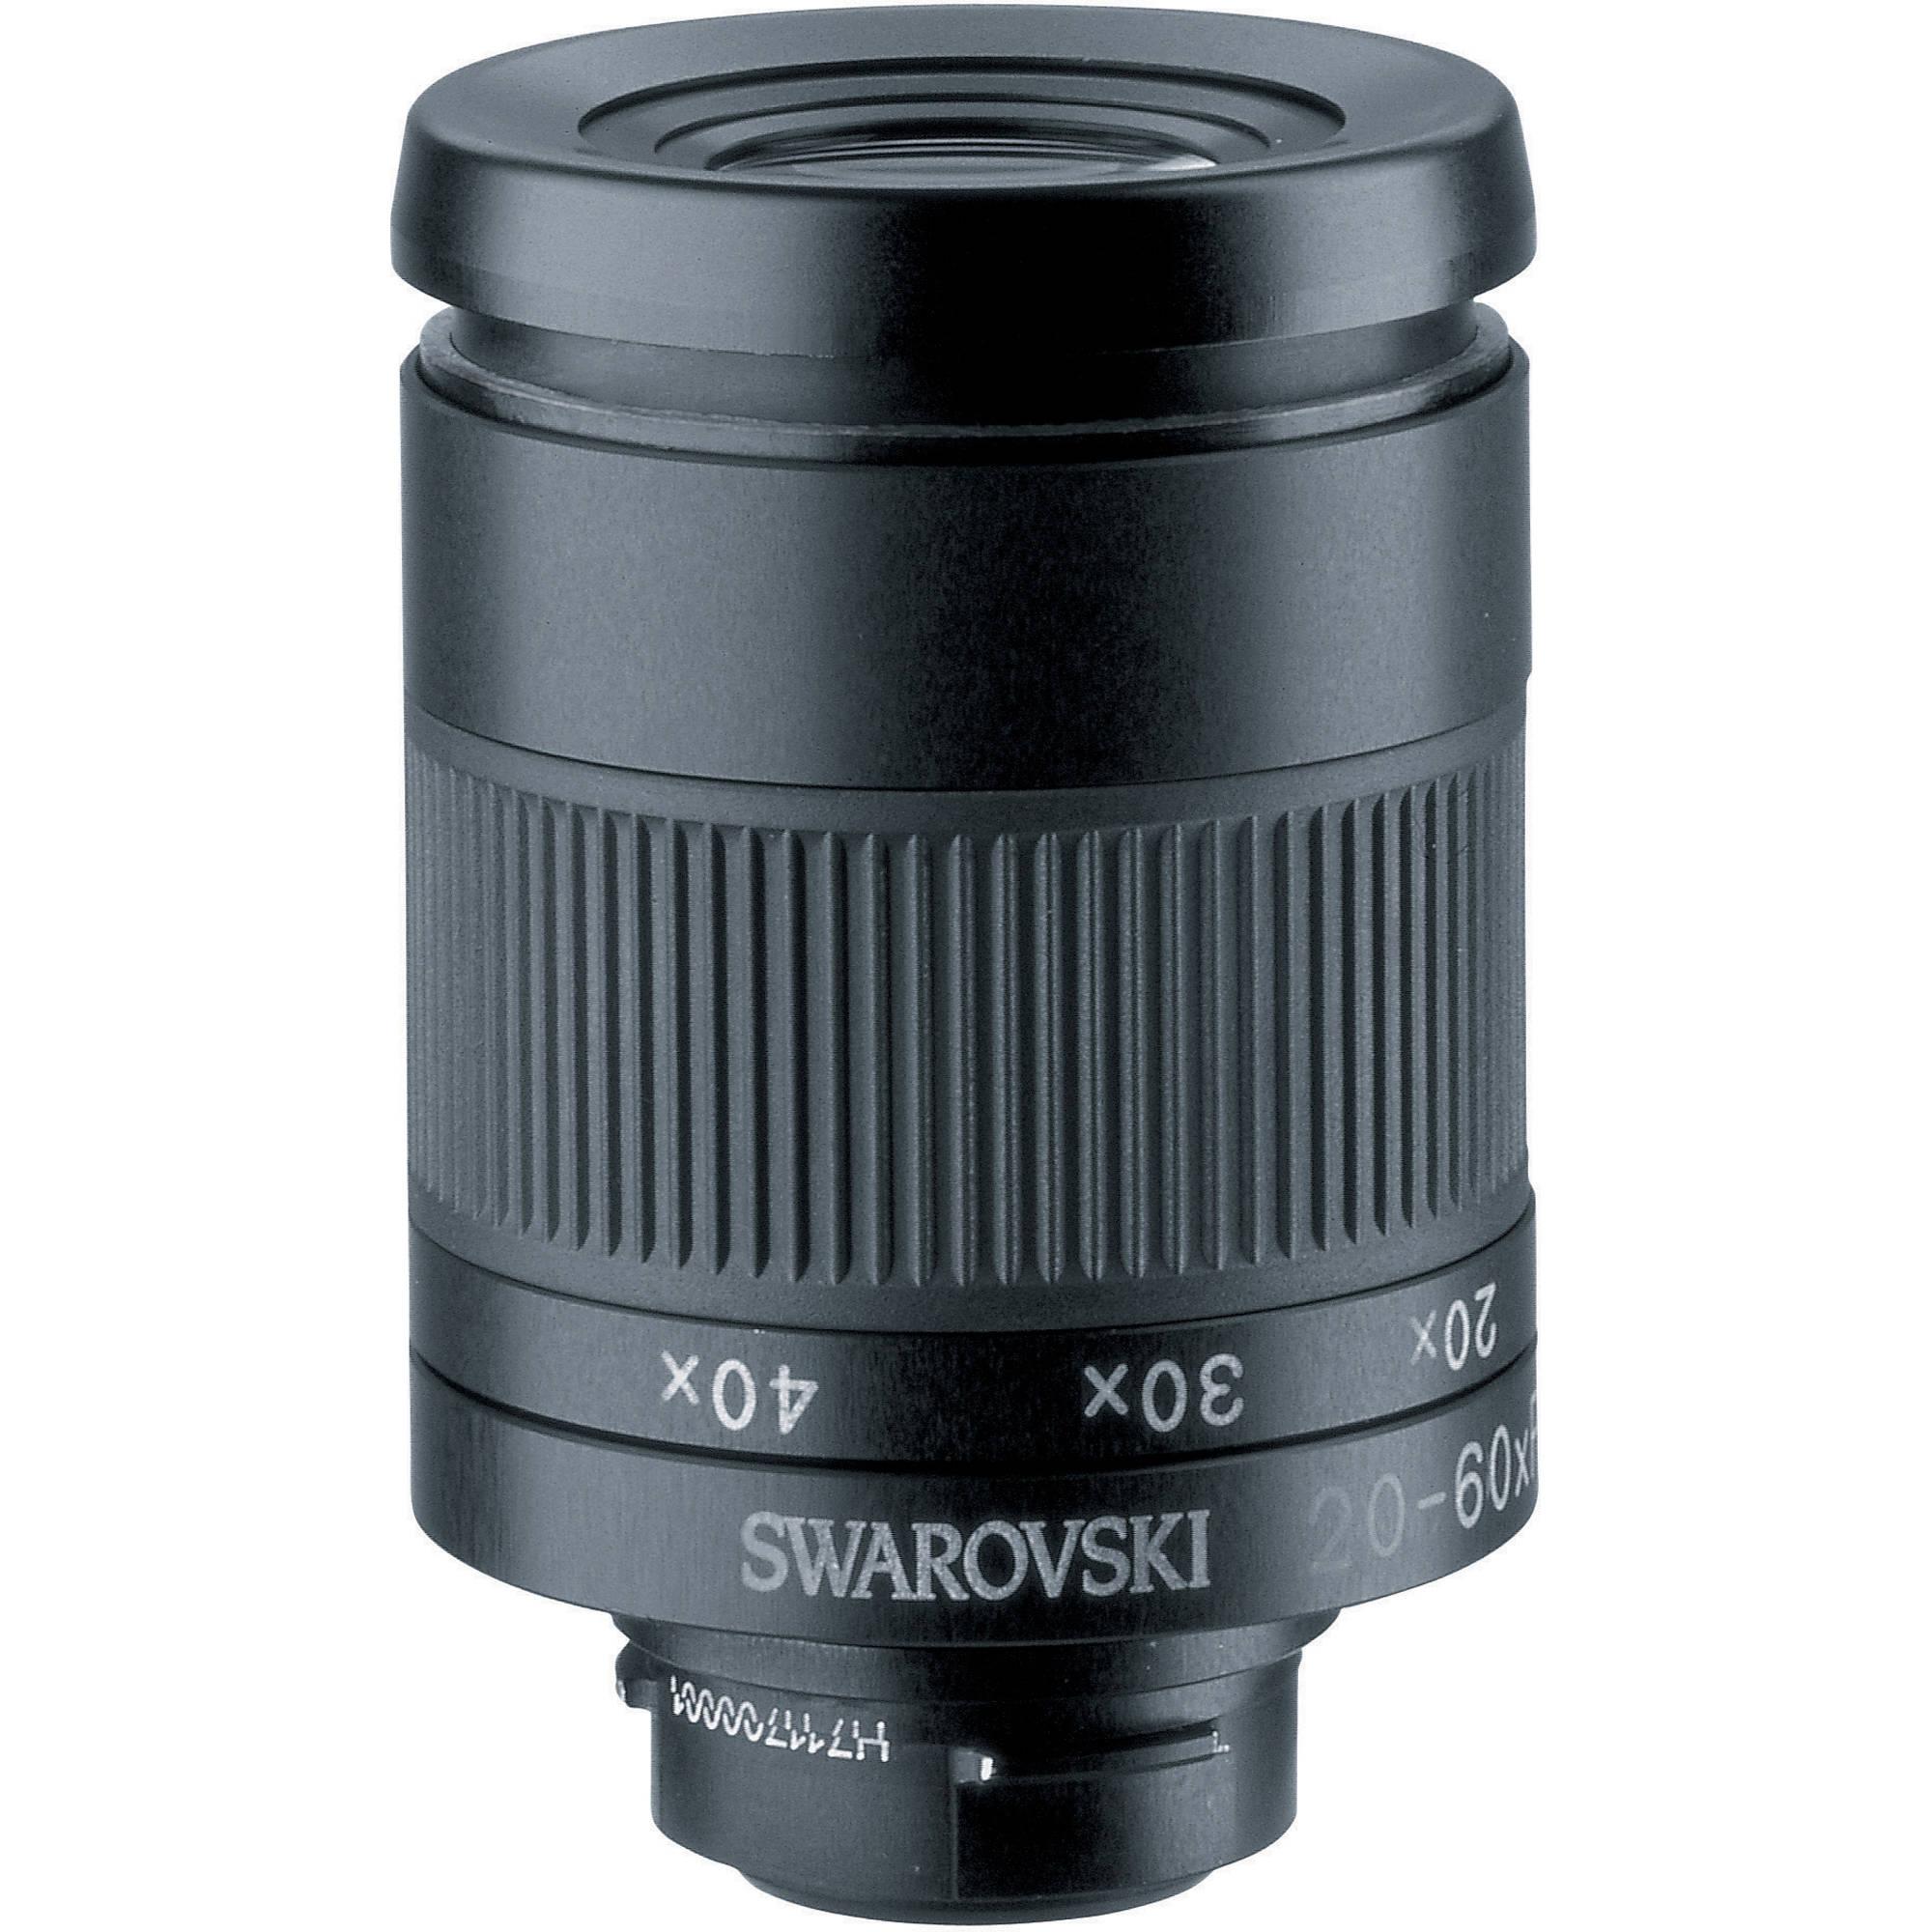 Swarovski 20 60x Zoom Spotting Scope Eyepiece